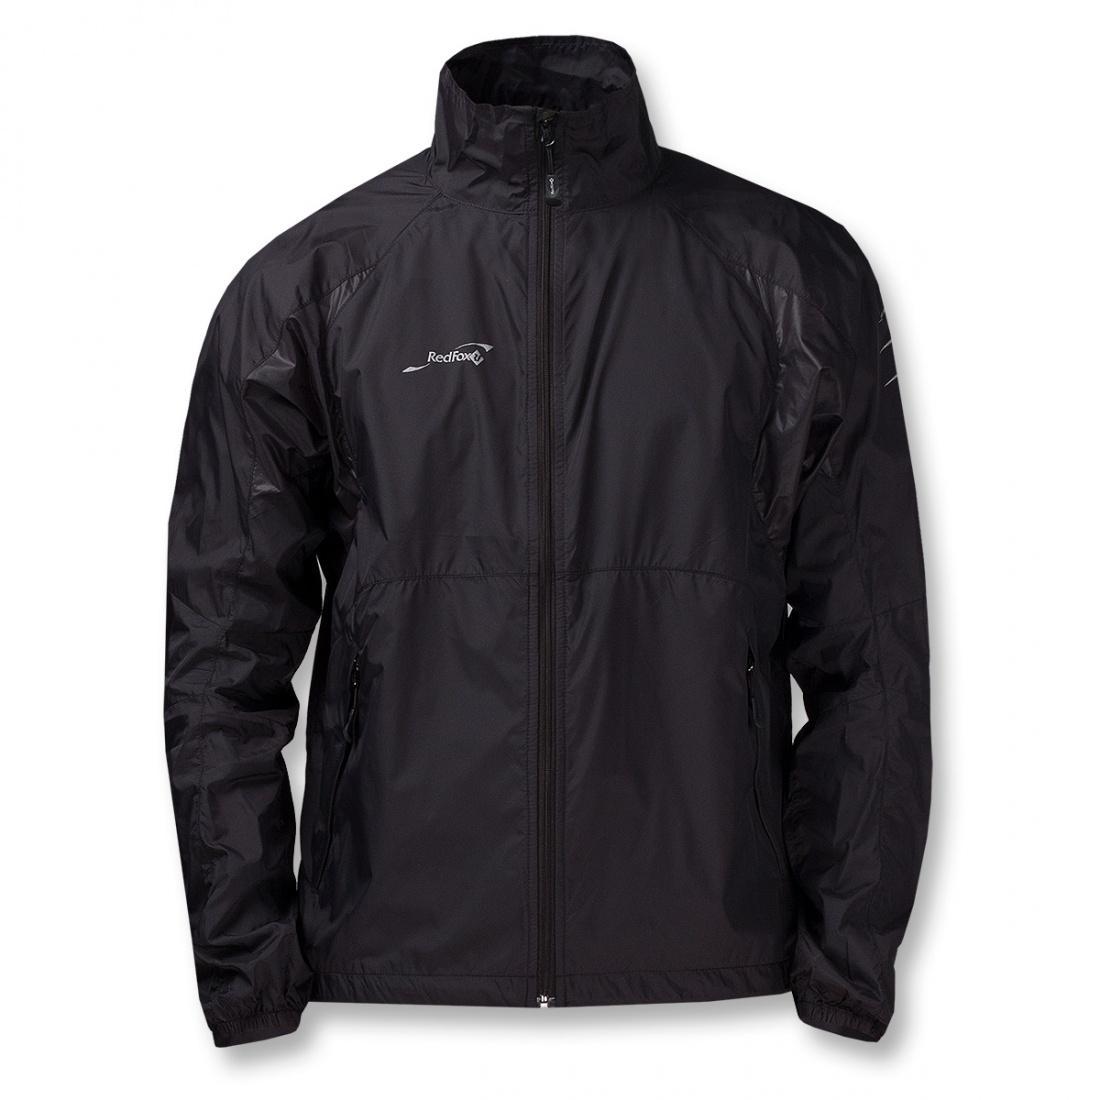 Куртка ветрозащитная Trek Light IIКуртки<br><br> Очень легкая куртка для мультиспортсменов. Отлично сочетает в себе функции защиты от ветра и максимальной свободы движений. Куртку можно компактно упаковать в карман, расположенный на спине.<br><br><br> Особенности:<br><br><br>Два бо...<br><br>Цвет: Черный<br>Размер: 56